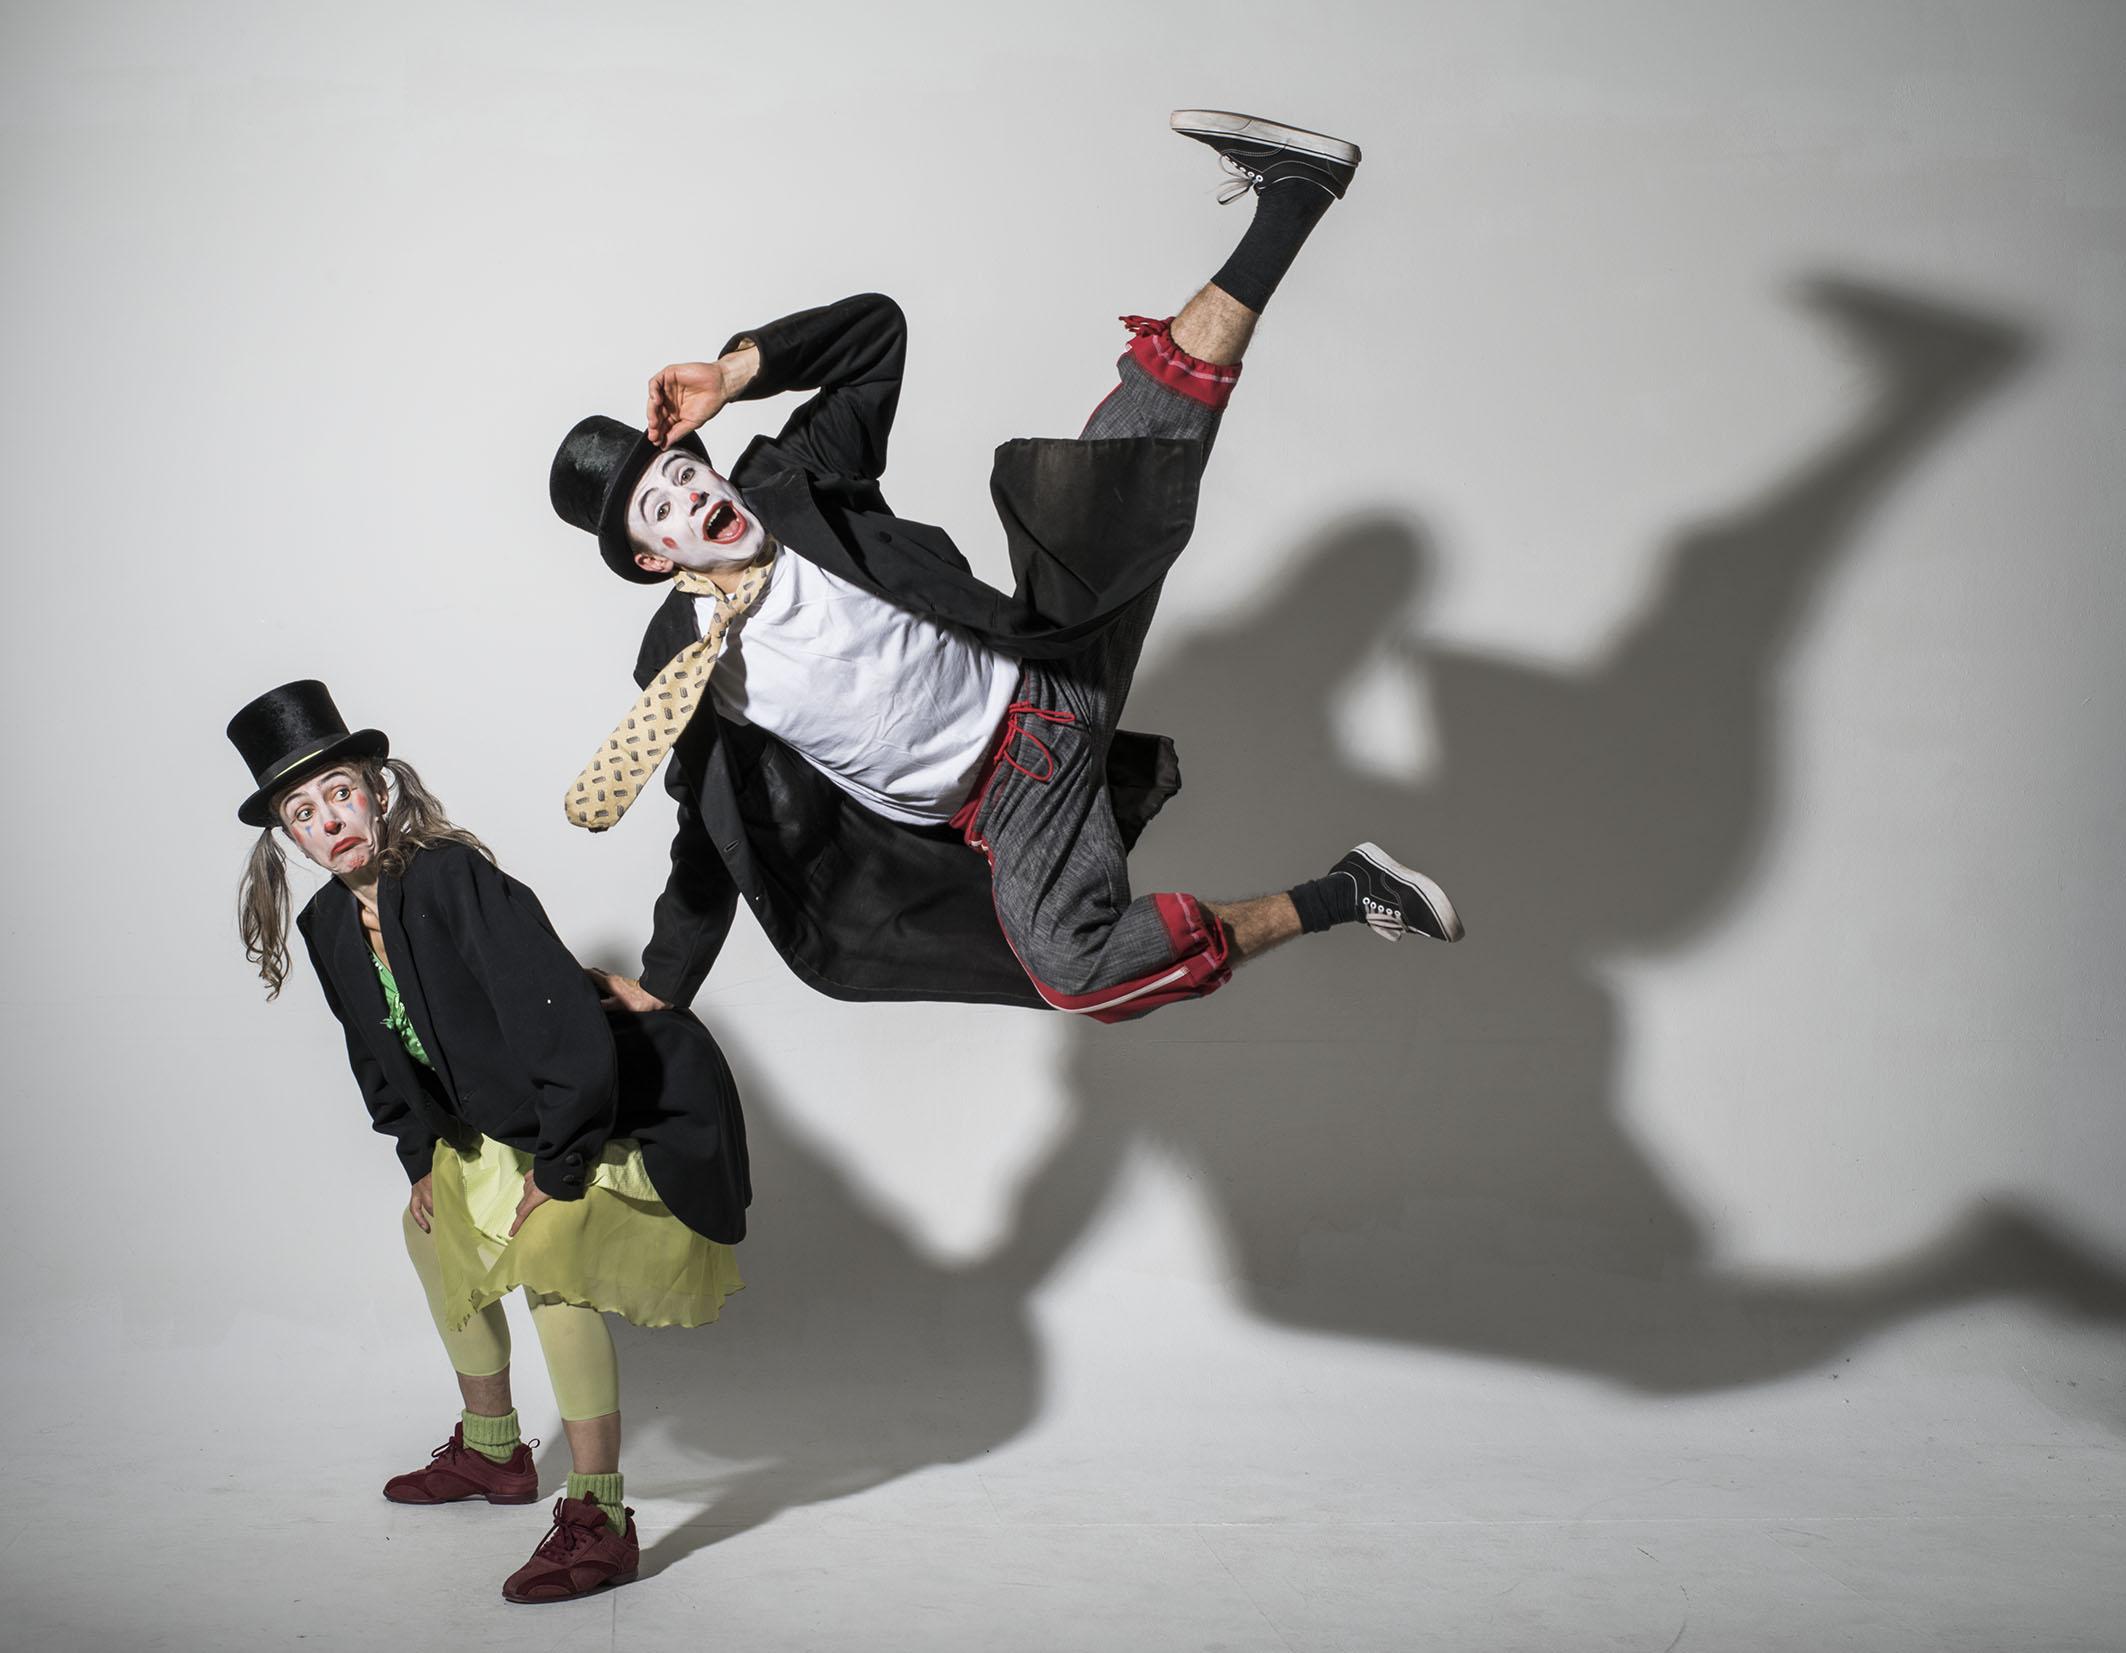 Entertainment, Clown, Theater, Tanz, Comedy, Musical, Akrobatik, Artistik, Breakdance, Stuttgart